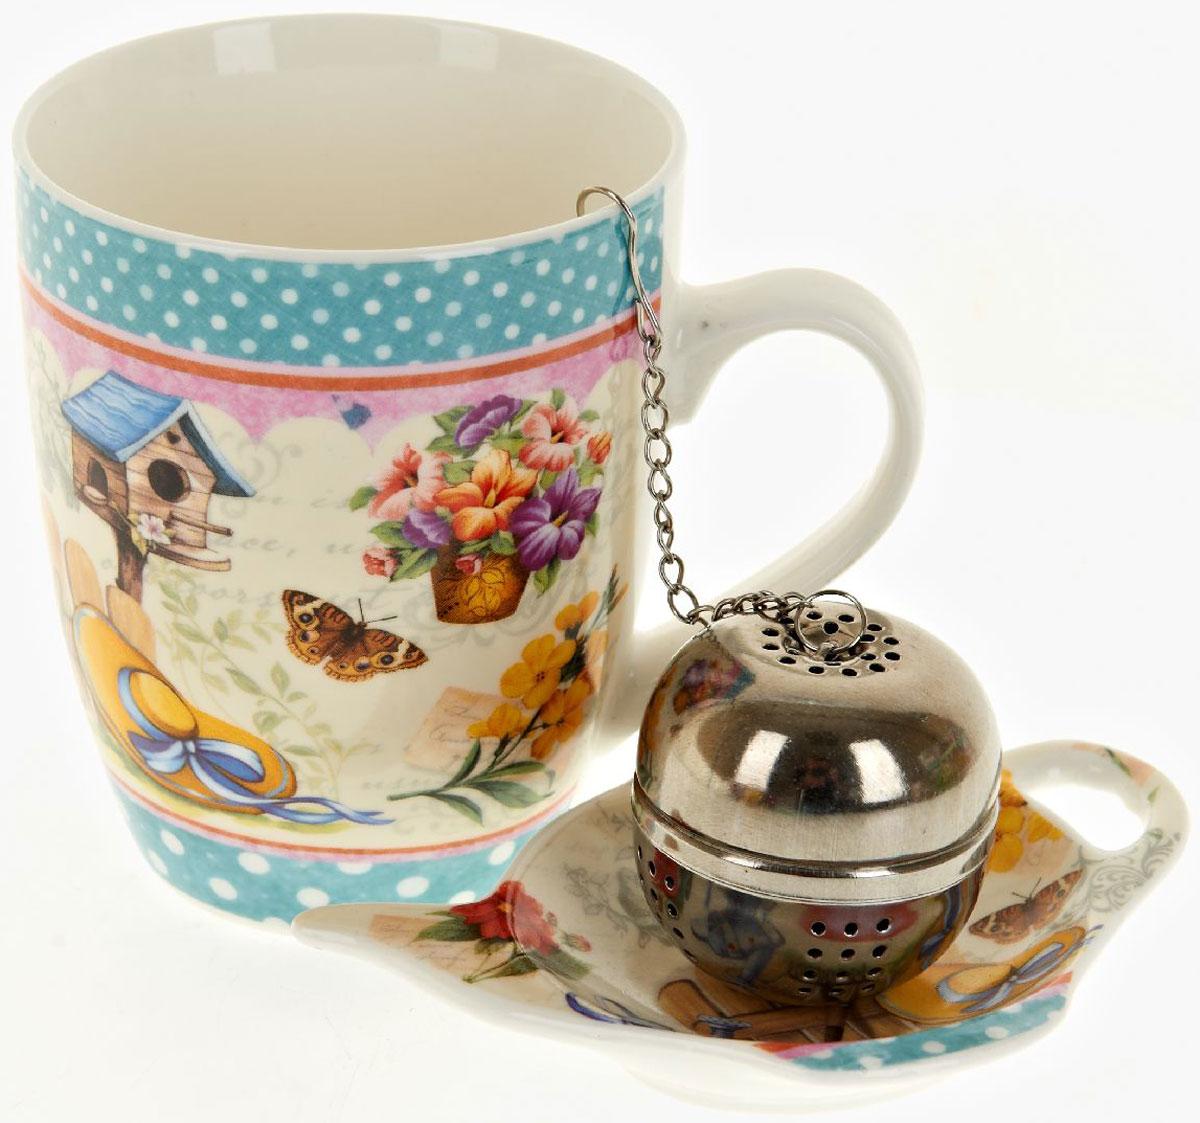 Кружка Nouvelle De France Сад, с фильтром, с подставкой под чайный пакетик, 340 мл54 009303Оригинальная кружка Nouvelle с ситечком для заварки и подставкой под чайный пакетик, выполненная из высококачественного фарфора, сочетает в себе изысканный дизайн с максимальной функциональностью.Красочность оформления кружки придется по вкусу и ценителям классики, и тем, кто предпочитает утонченность и изысканность.В комплект входит кружка, ситечко и подставка. Можно использовать в ПММ.